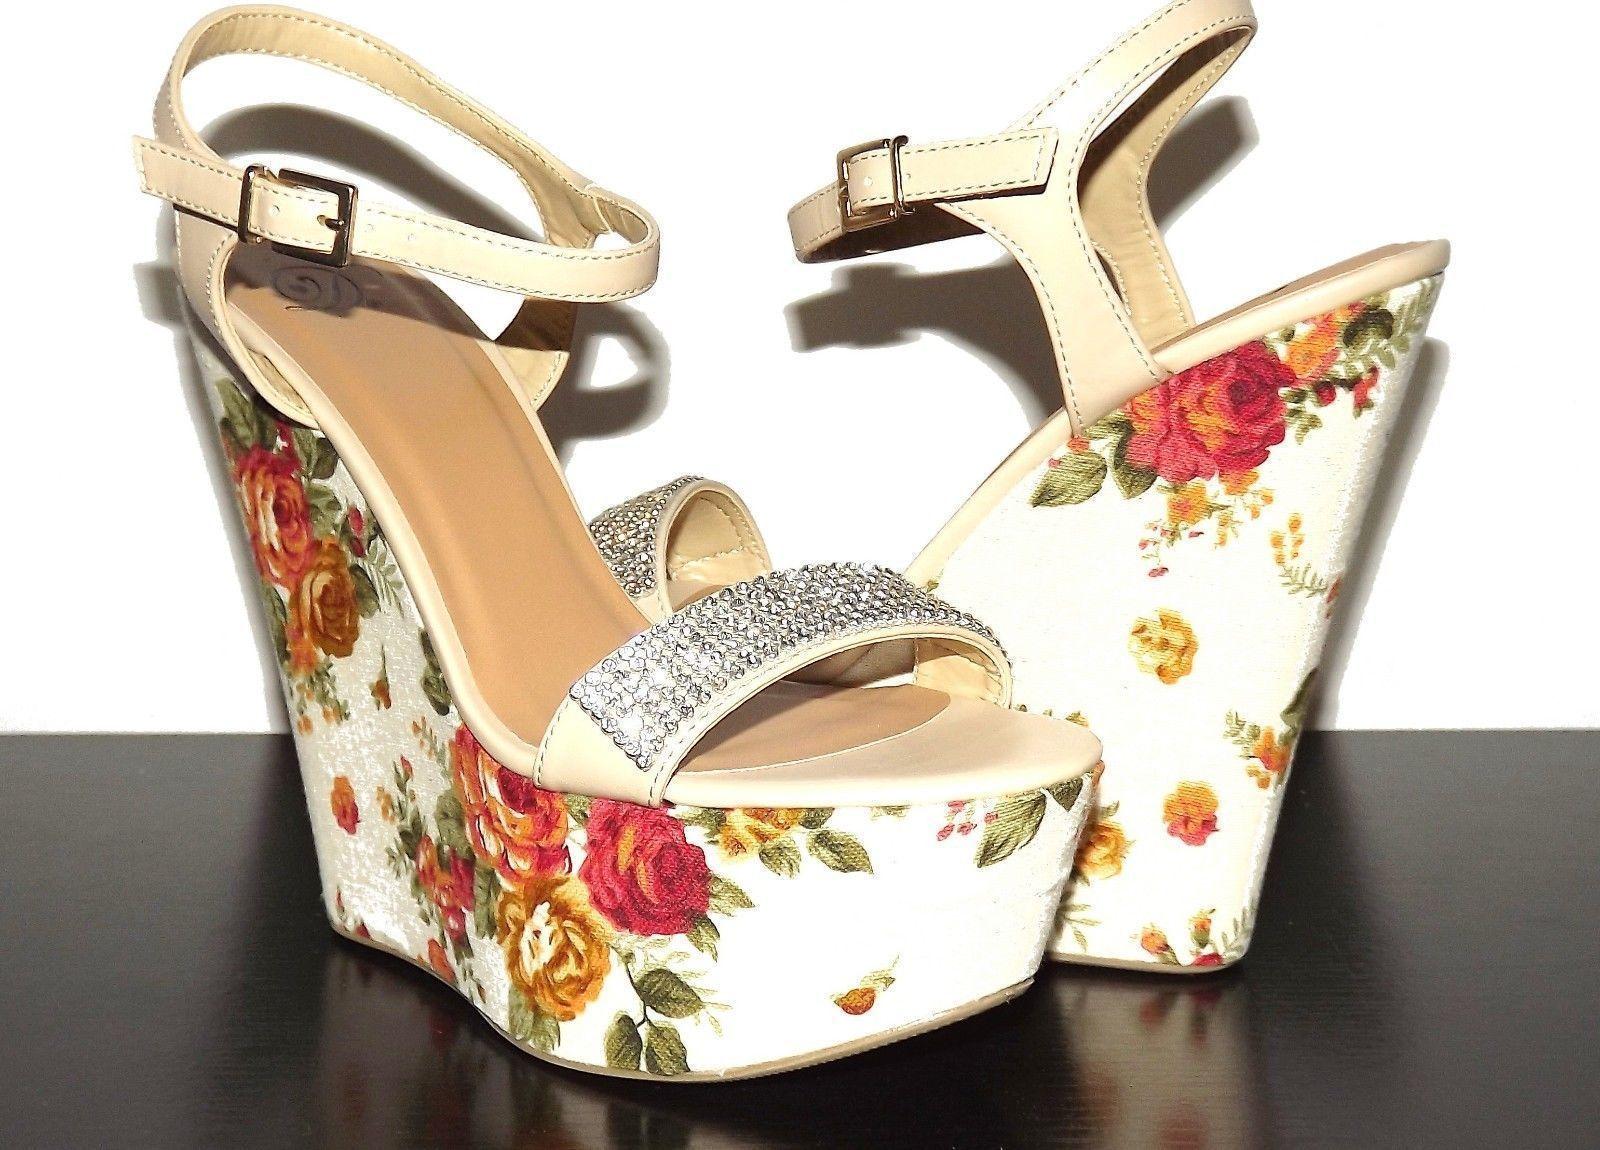 Floral Platform High Heel Wedge Bling Thin Ankle Strap Tan Beige Nude Ellen-H